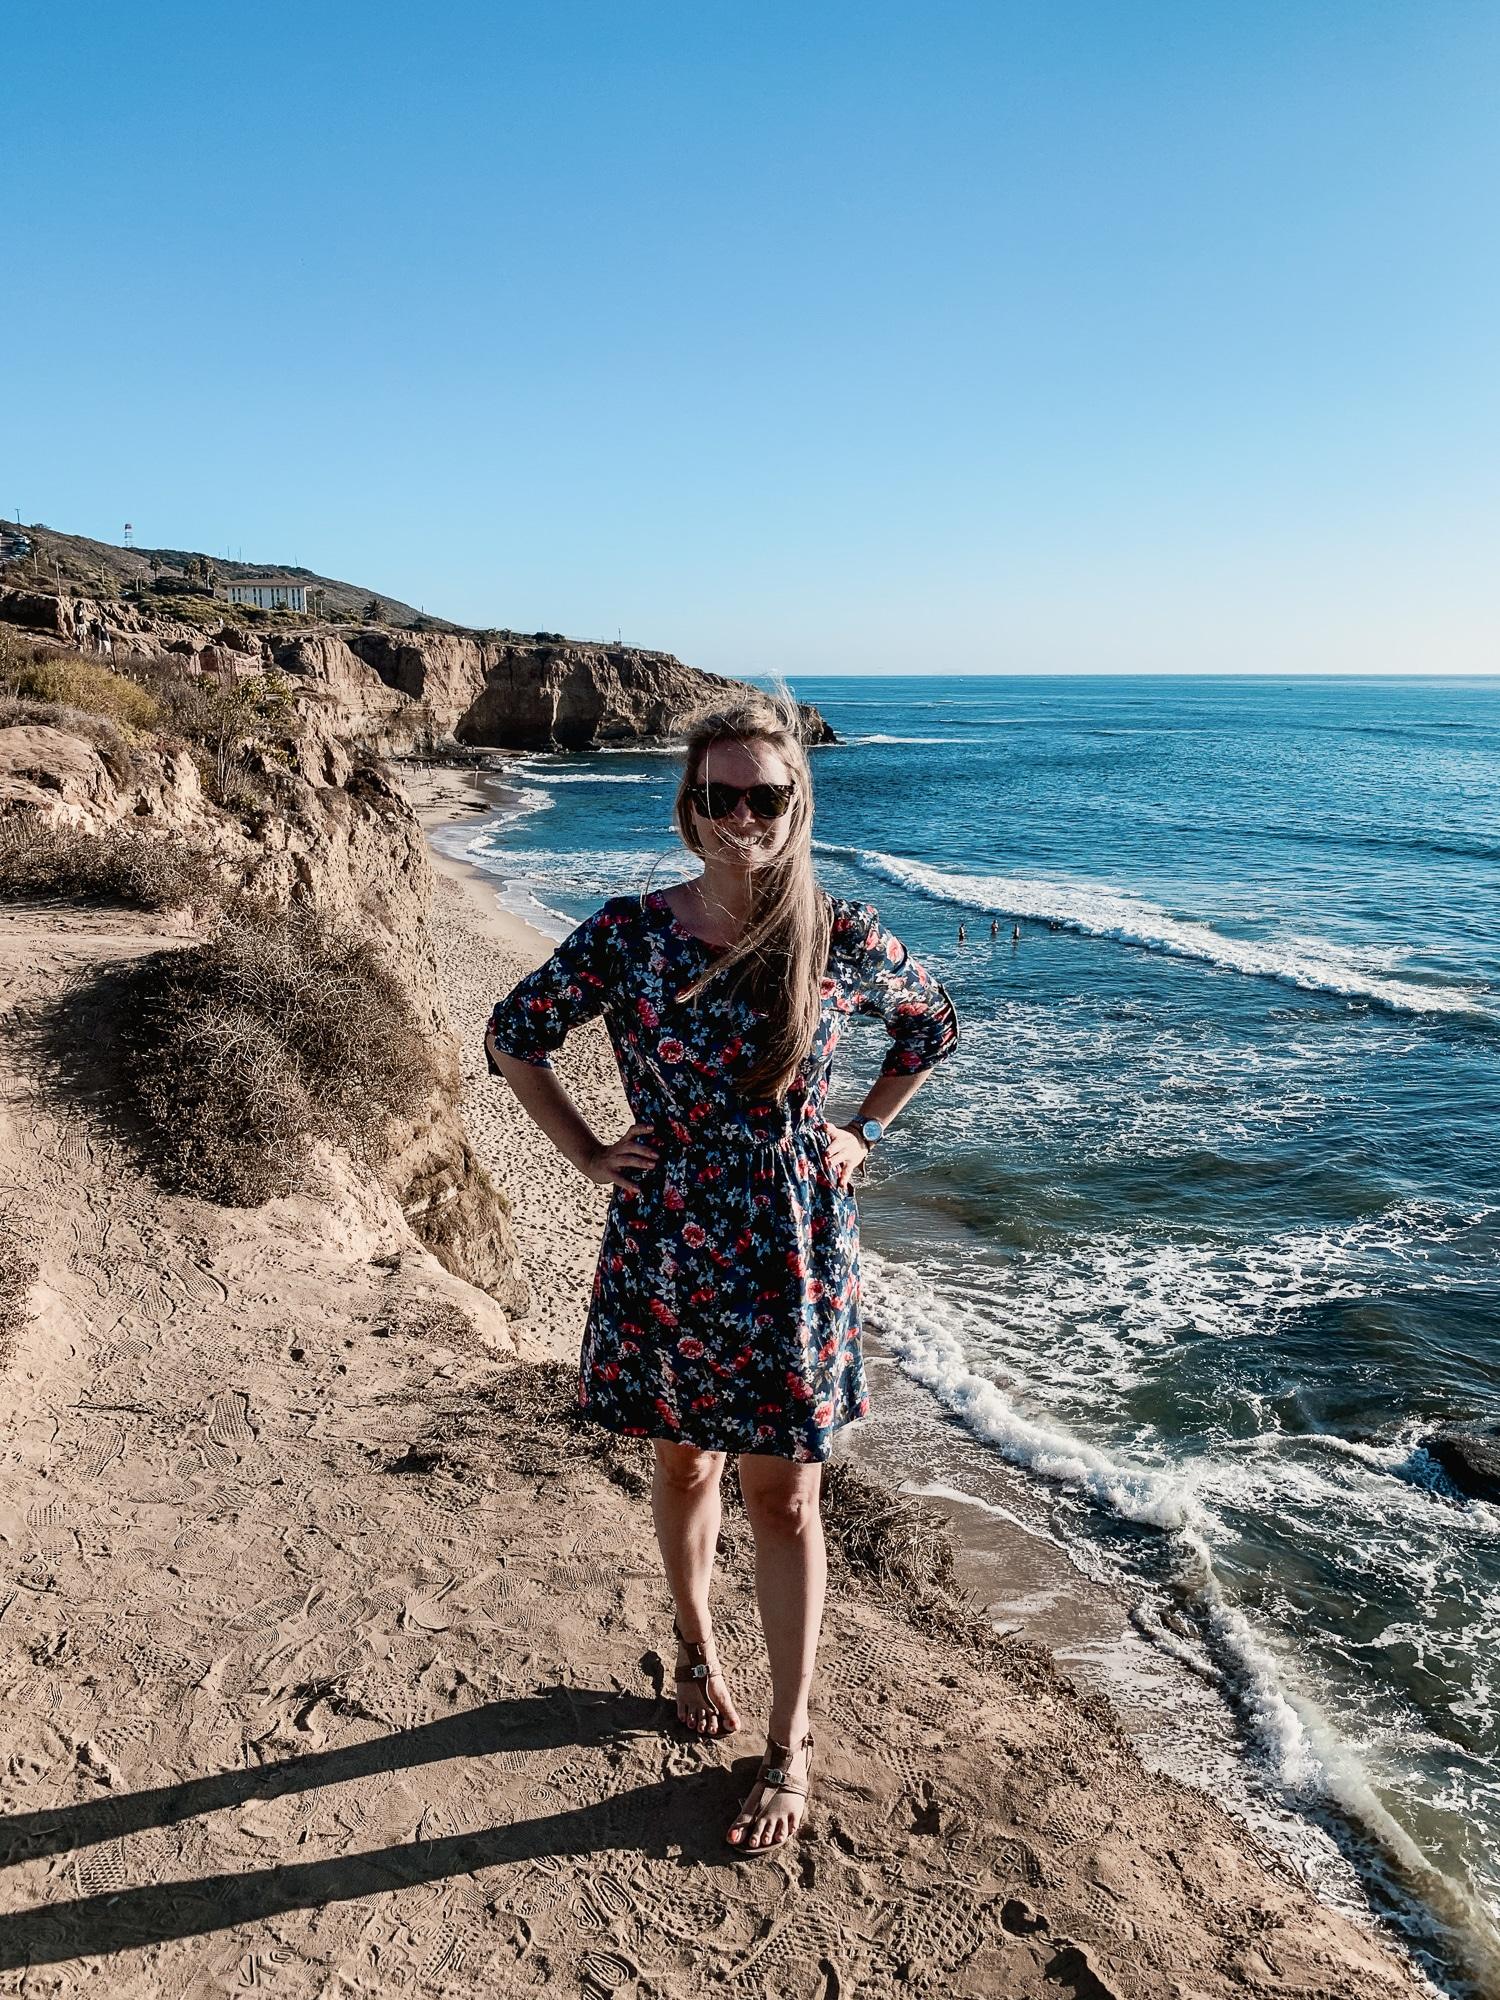 San Diego Sehenswürdigkeiten: Highlights und Things to do für eure Reise - Sunset Cliffs